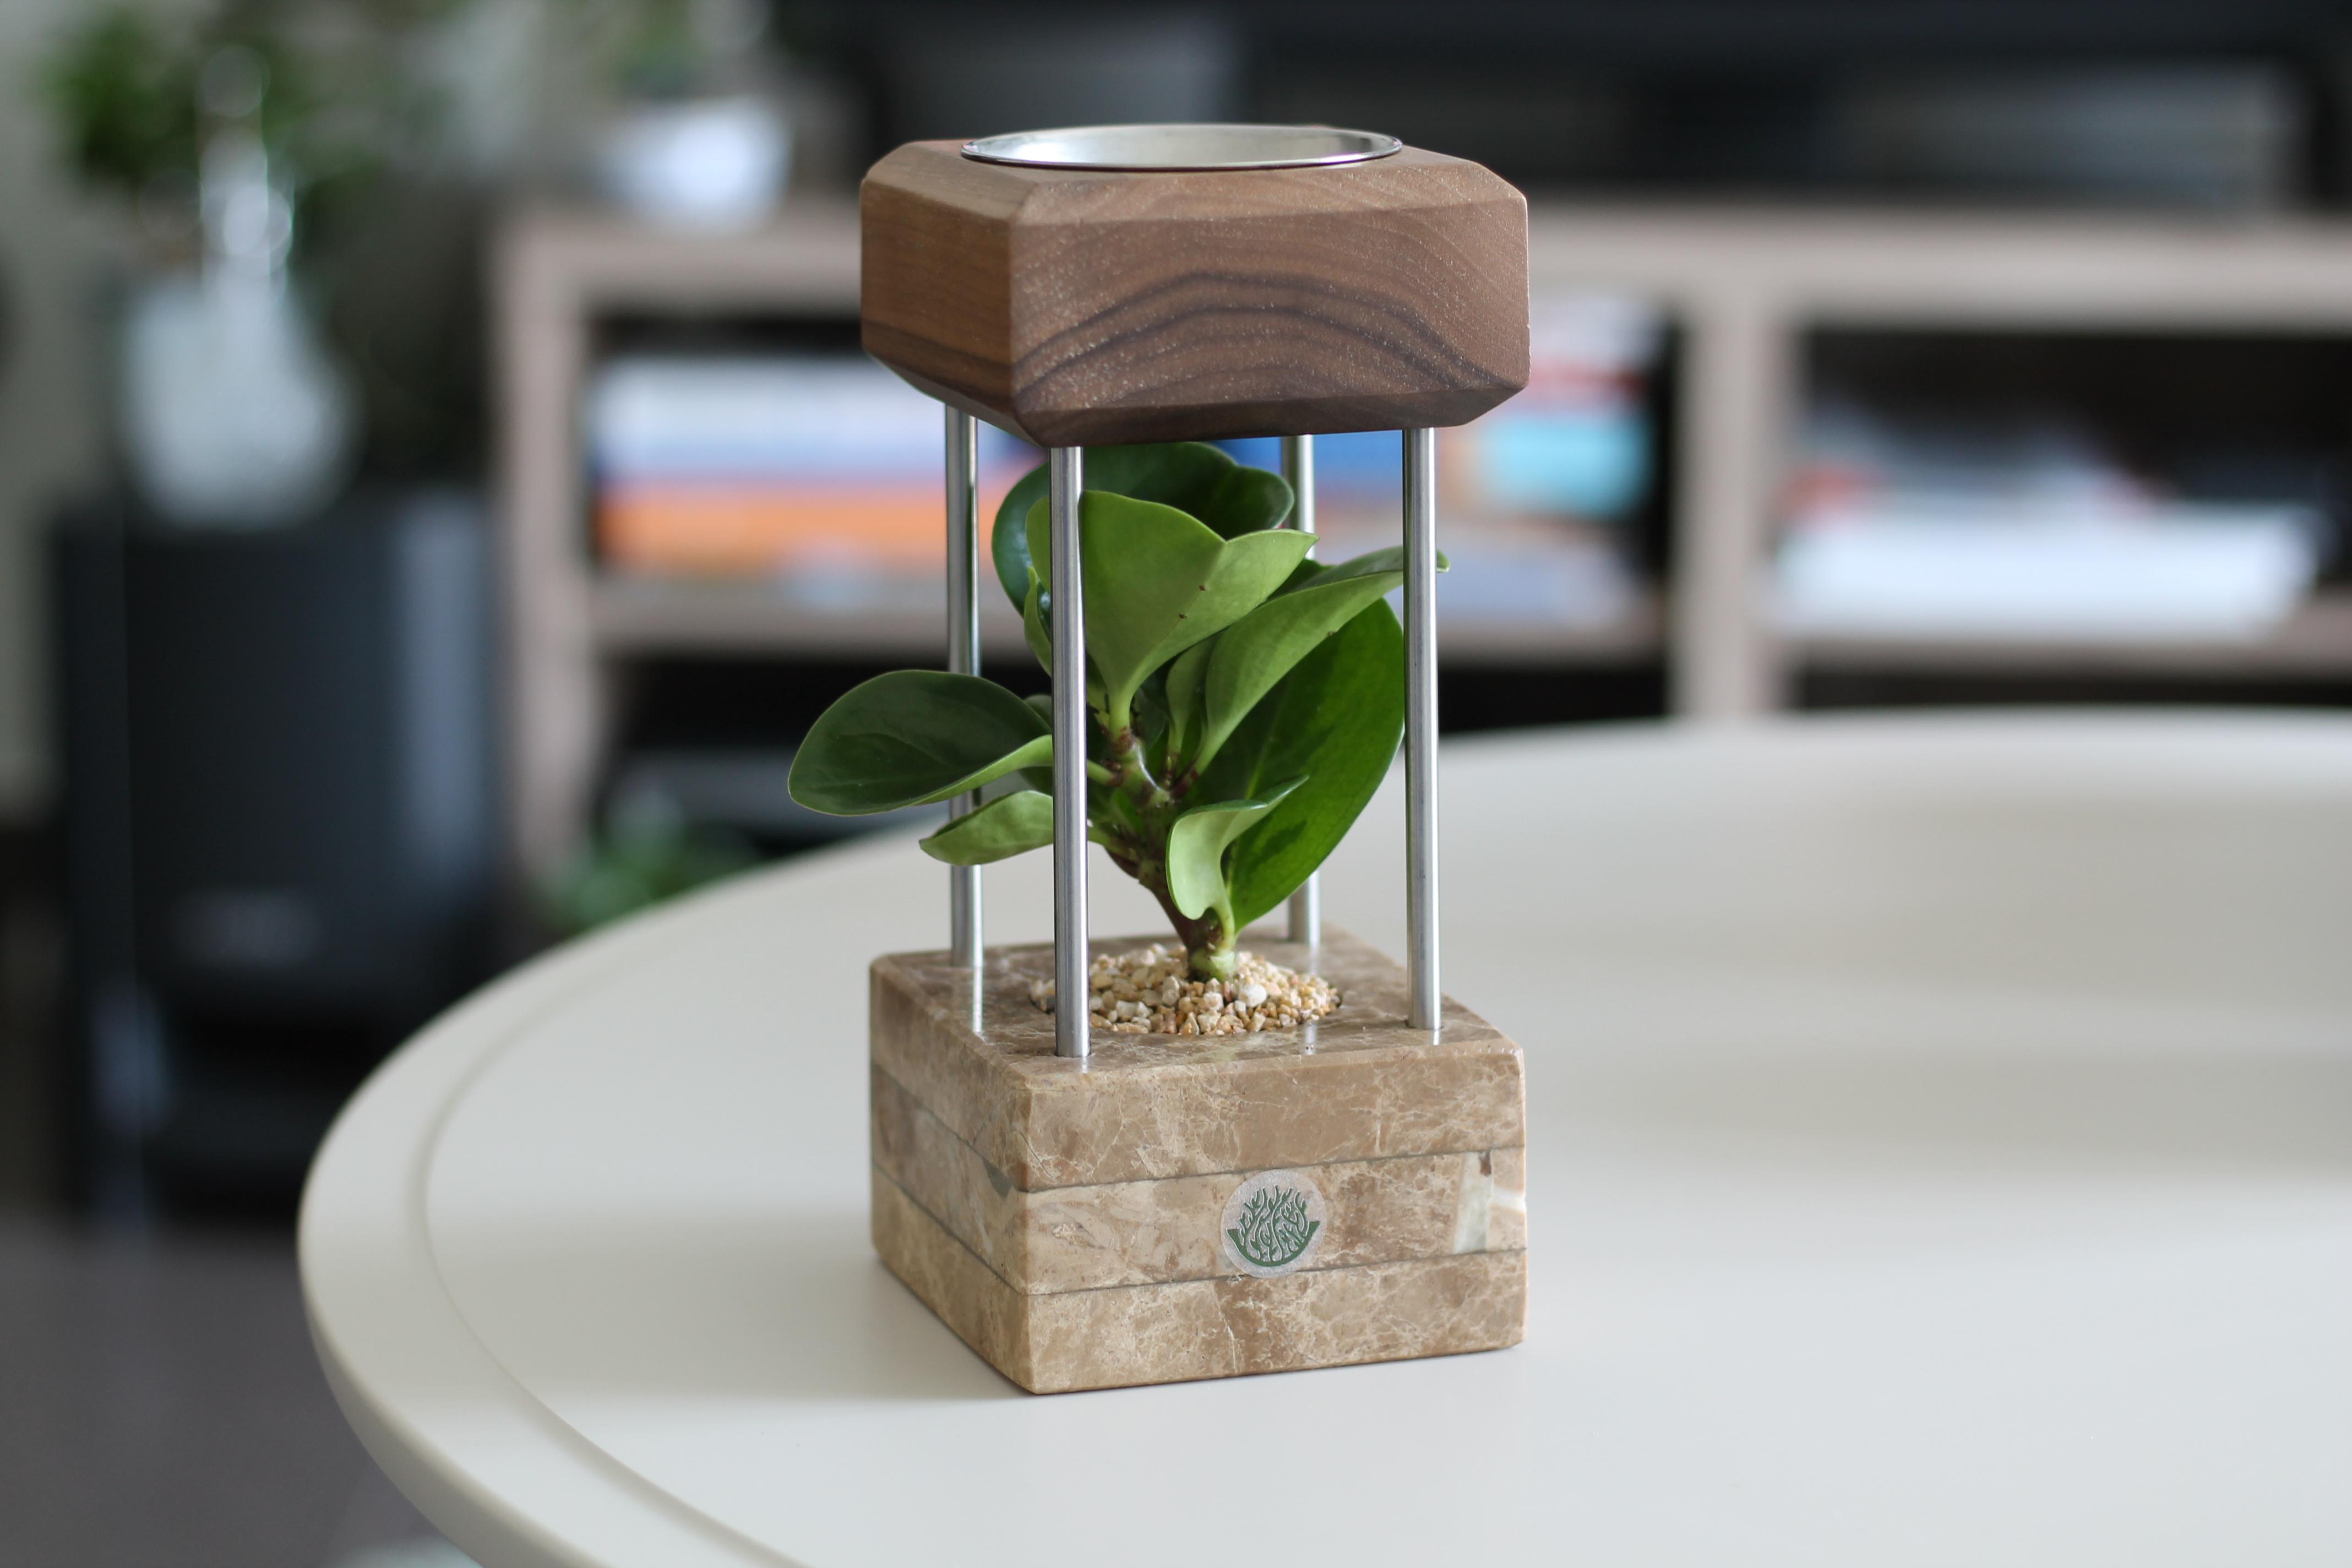 مبخر رخامي بيج 'نباتات للمكاتب'